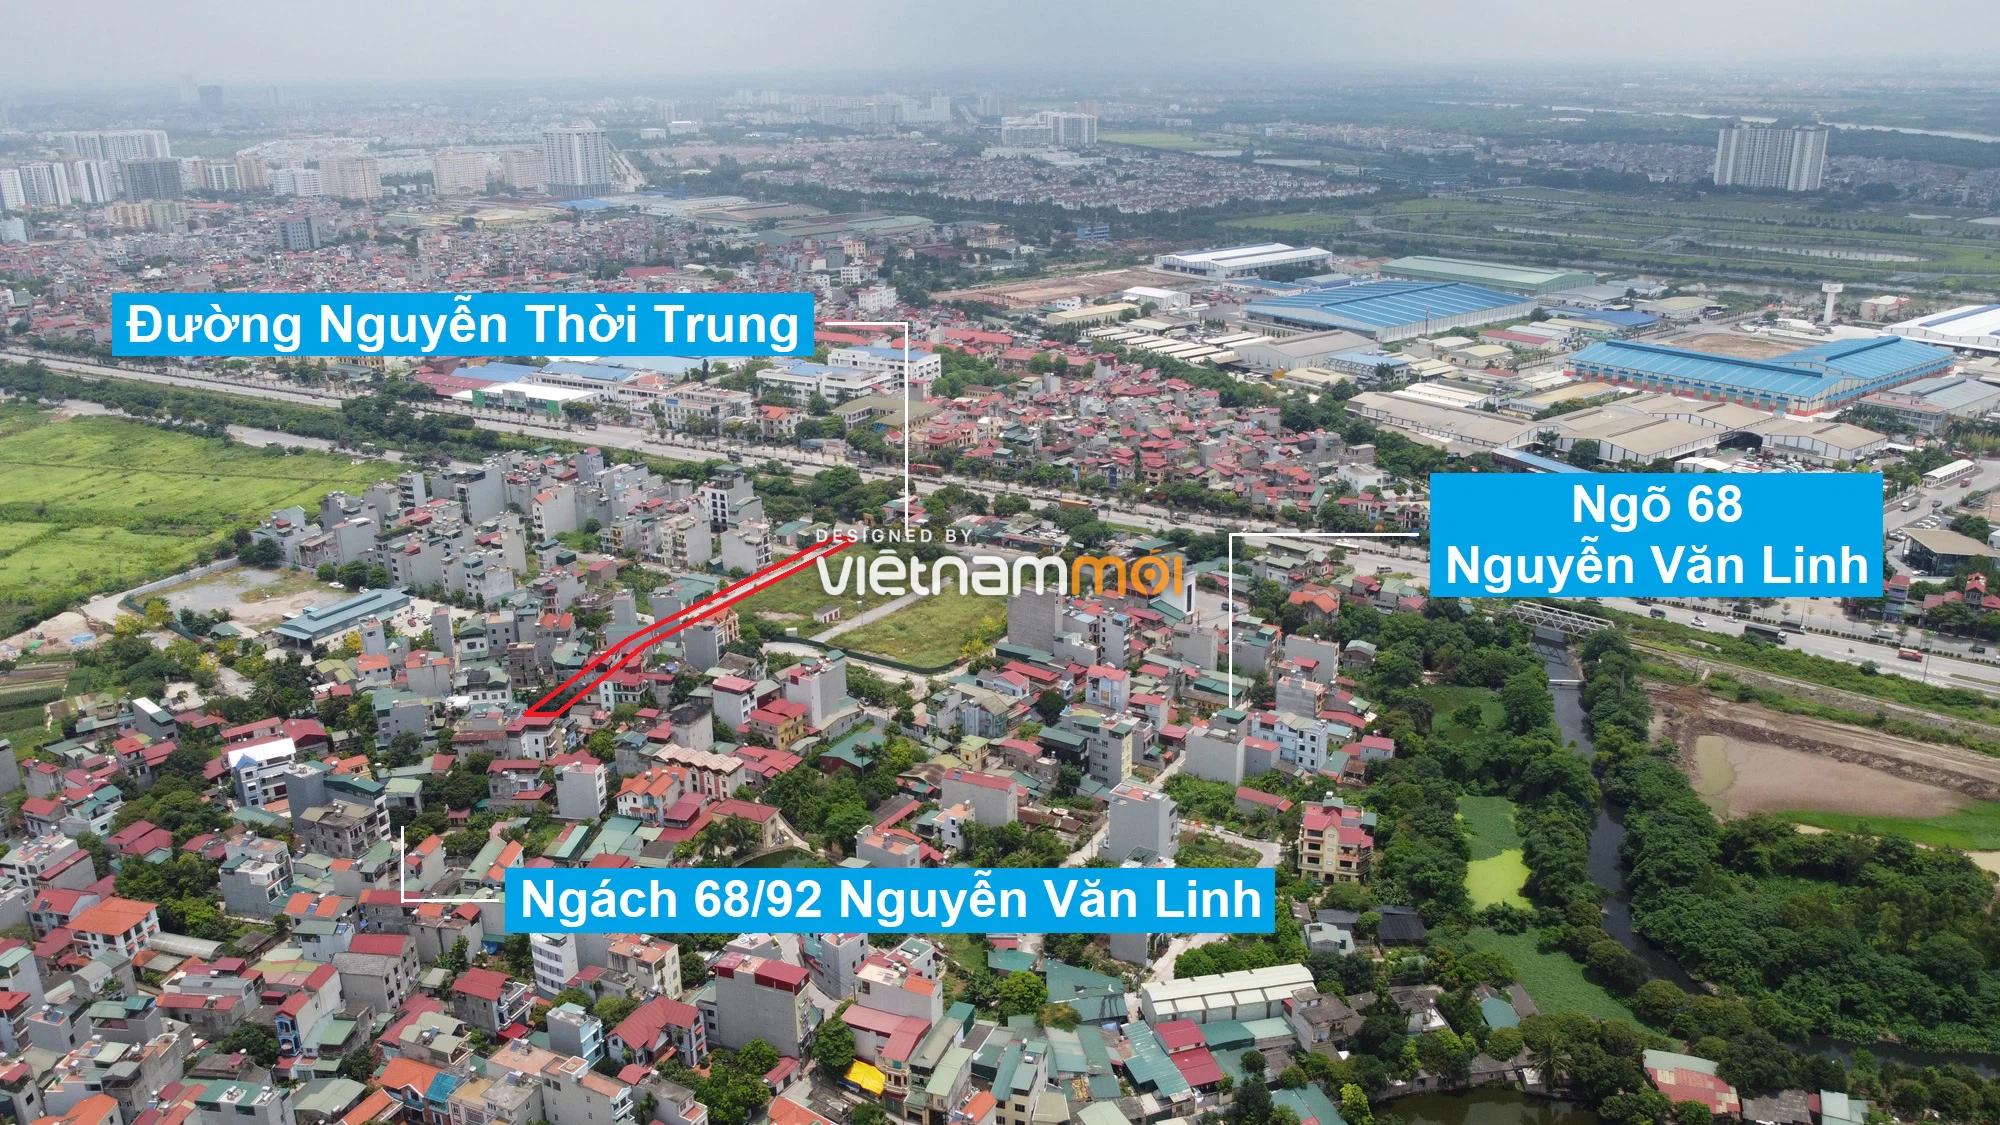 Những khu đất sắp thu hồi để mở đường ở phường Thạch Bàn, Long Biên, Hà Nội (phần 4) - Ảnh 12.